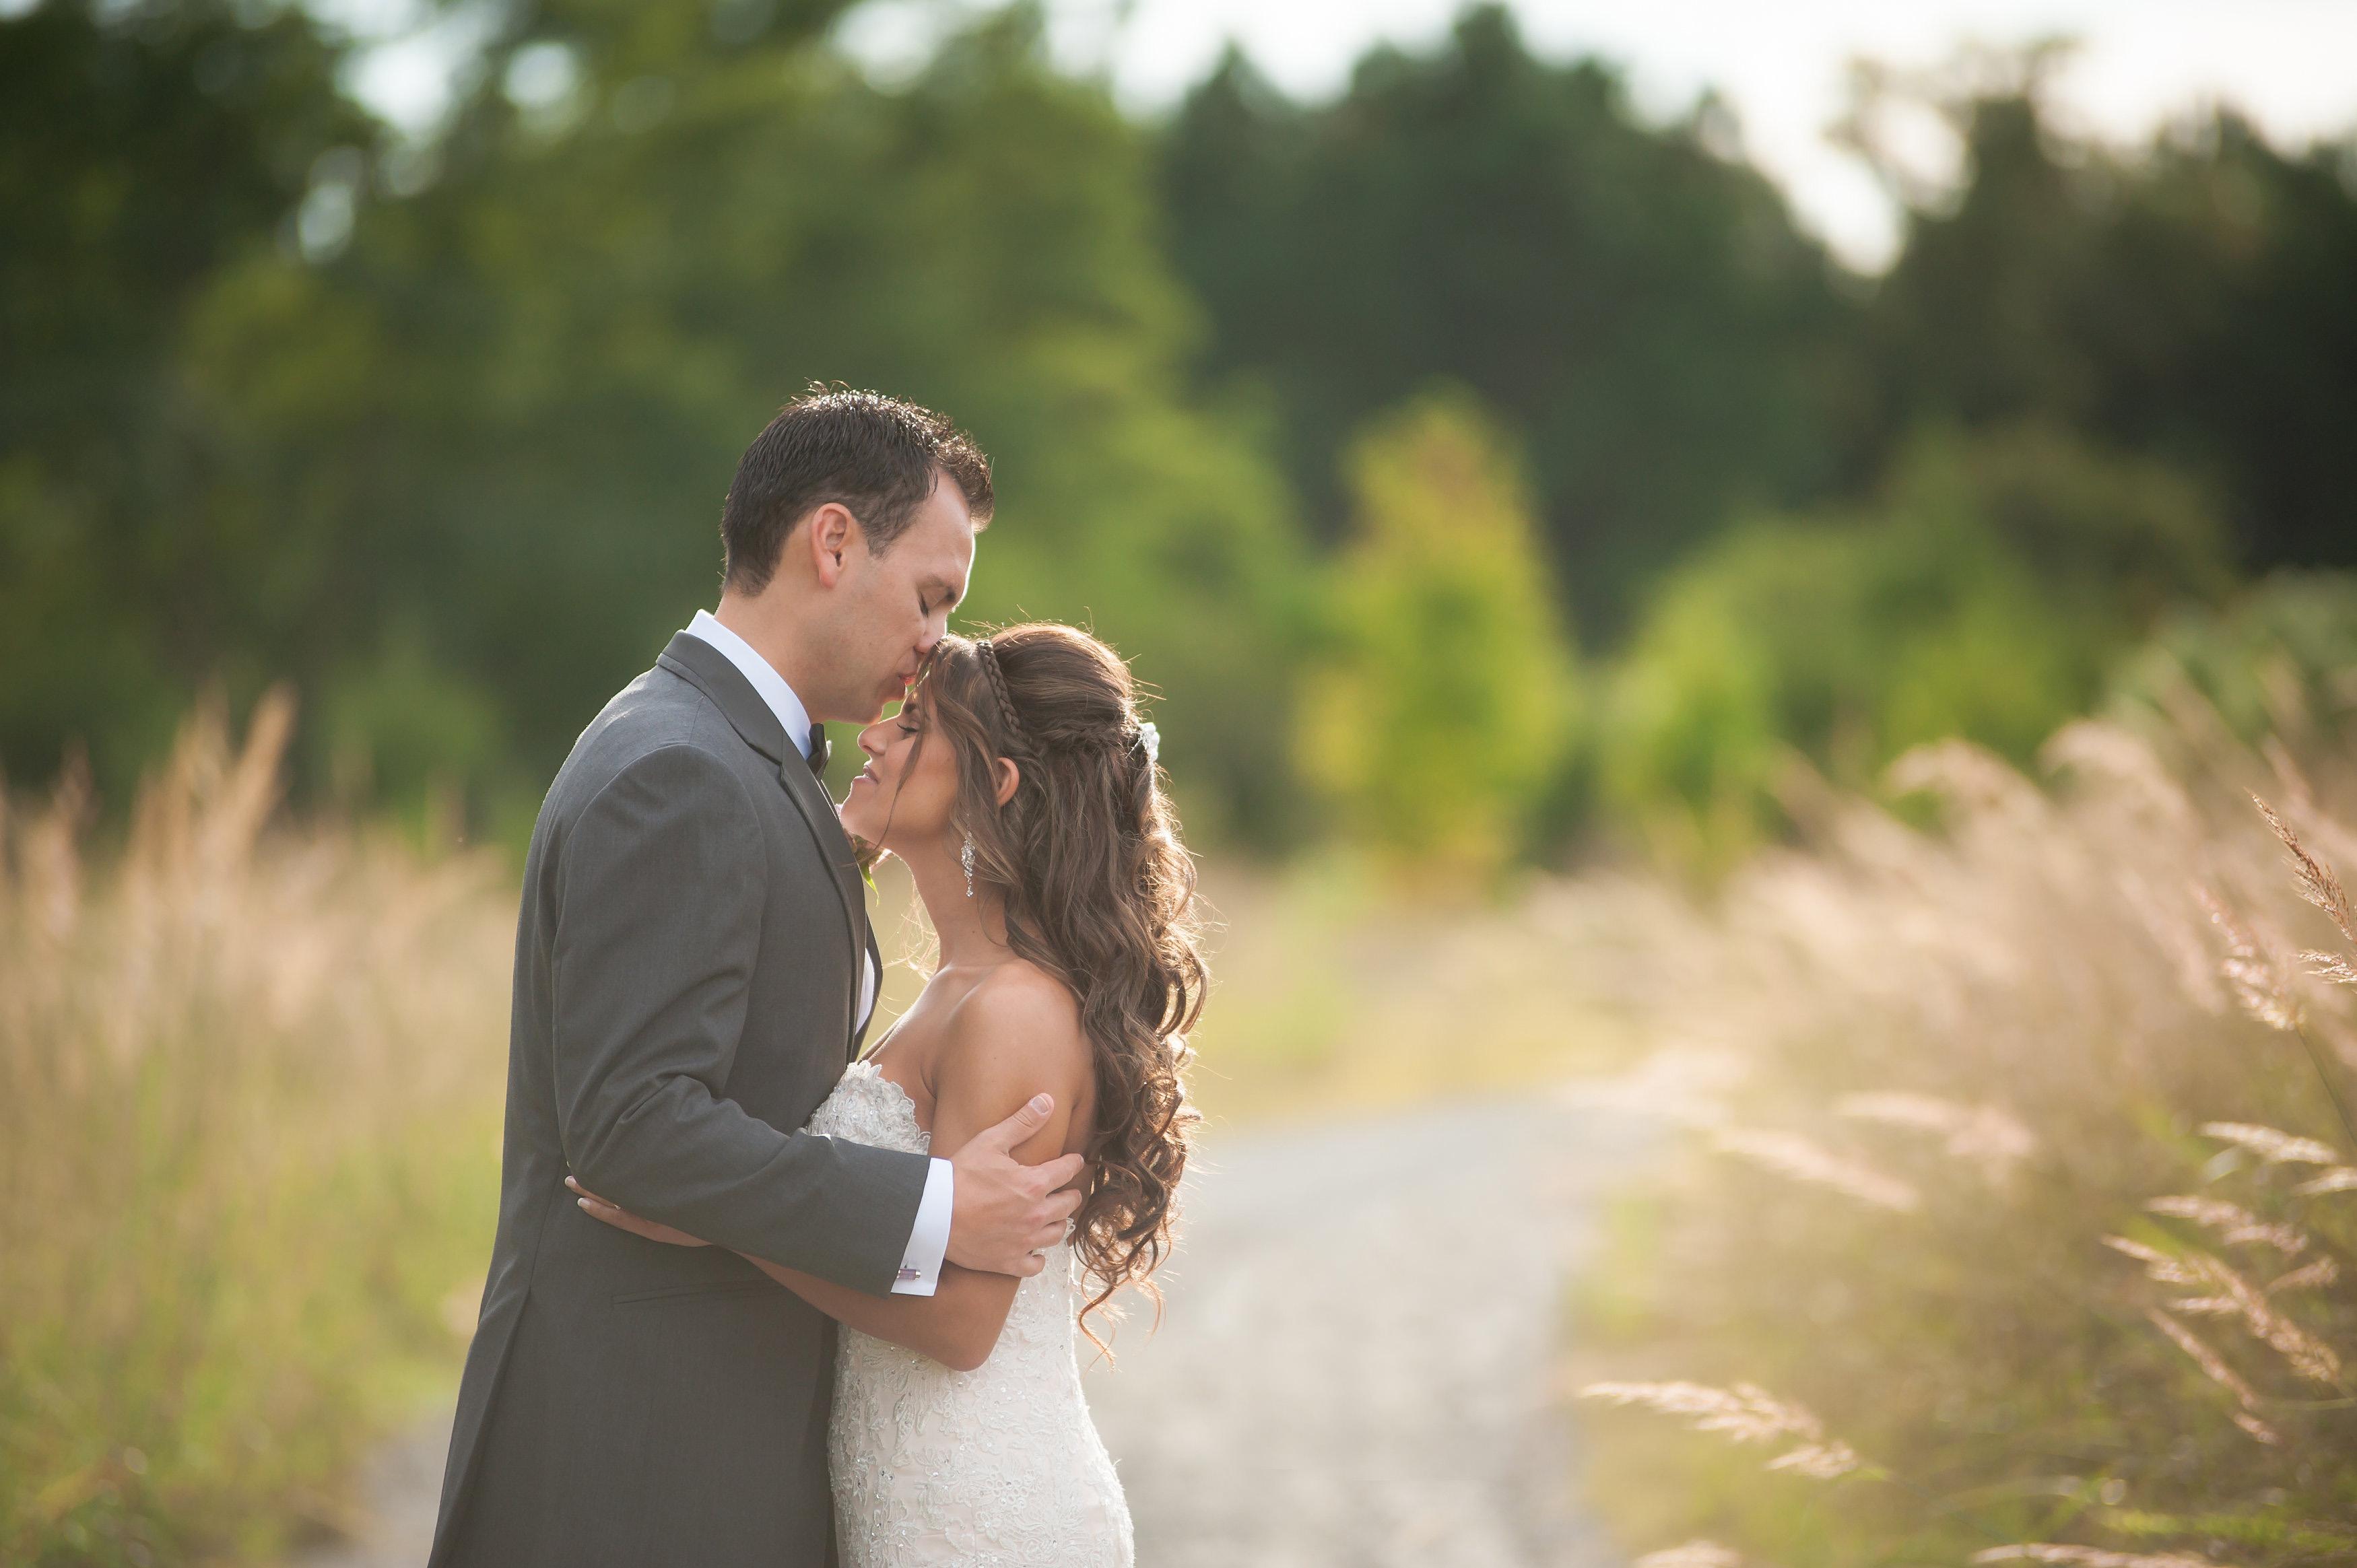 hyatt chesapeake waterfront wedding image